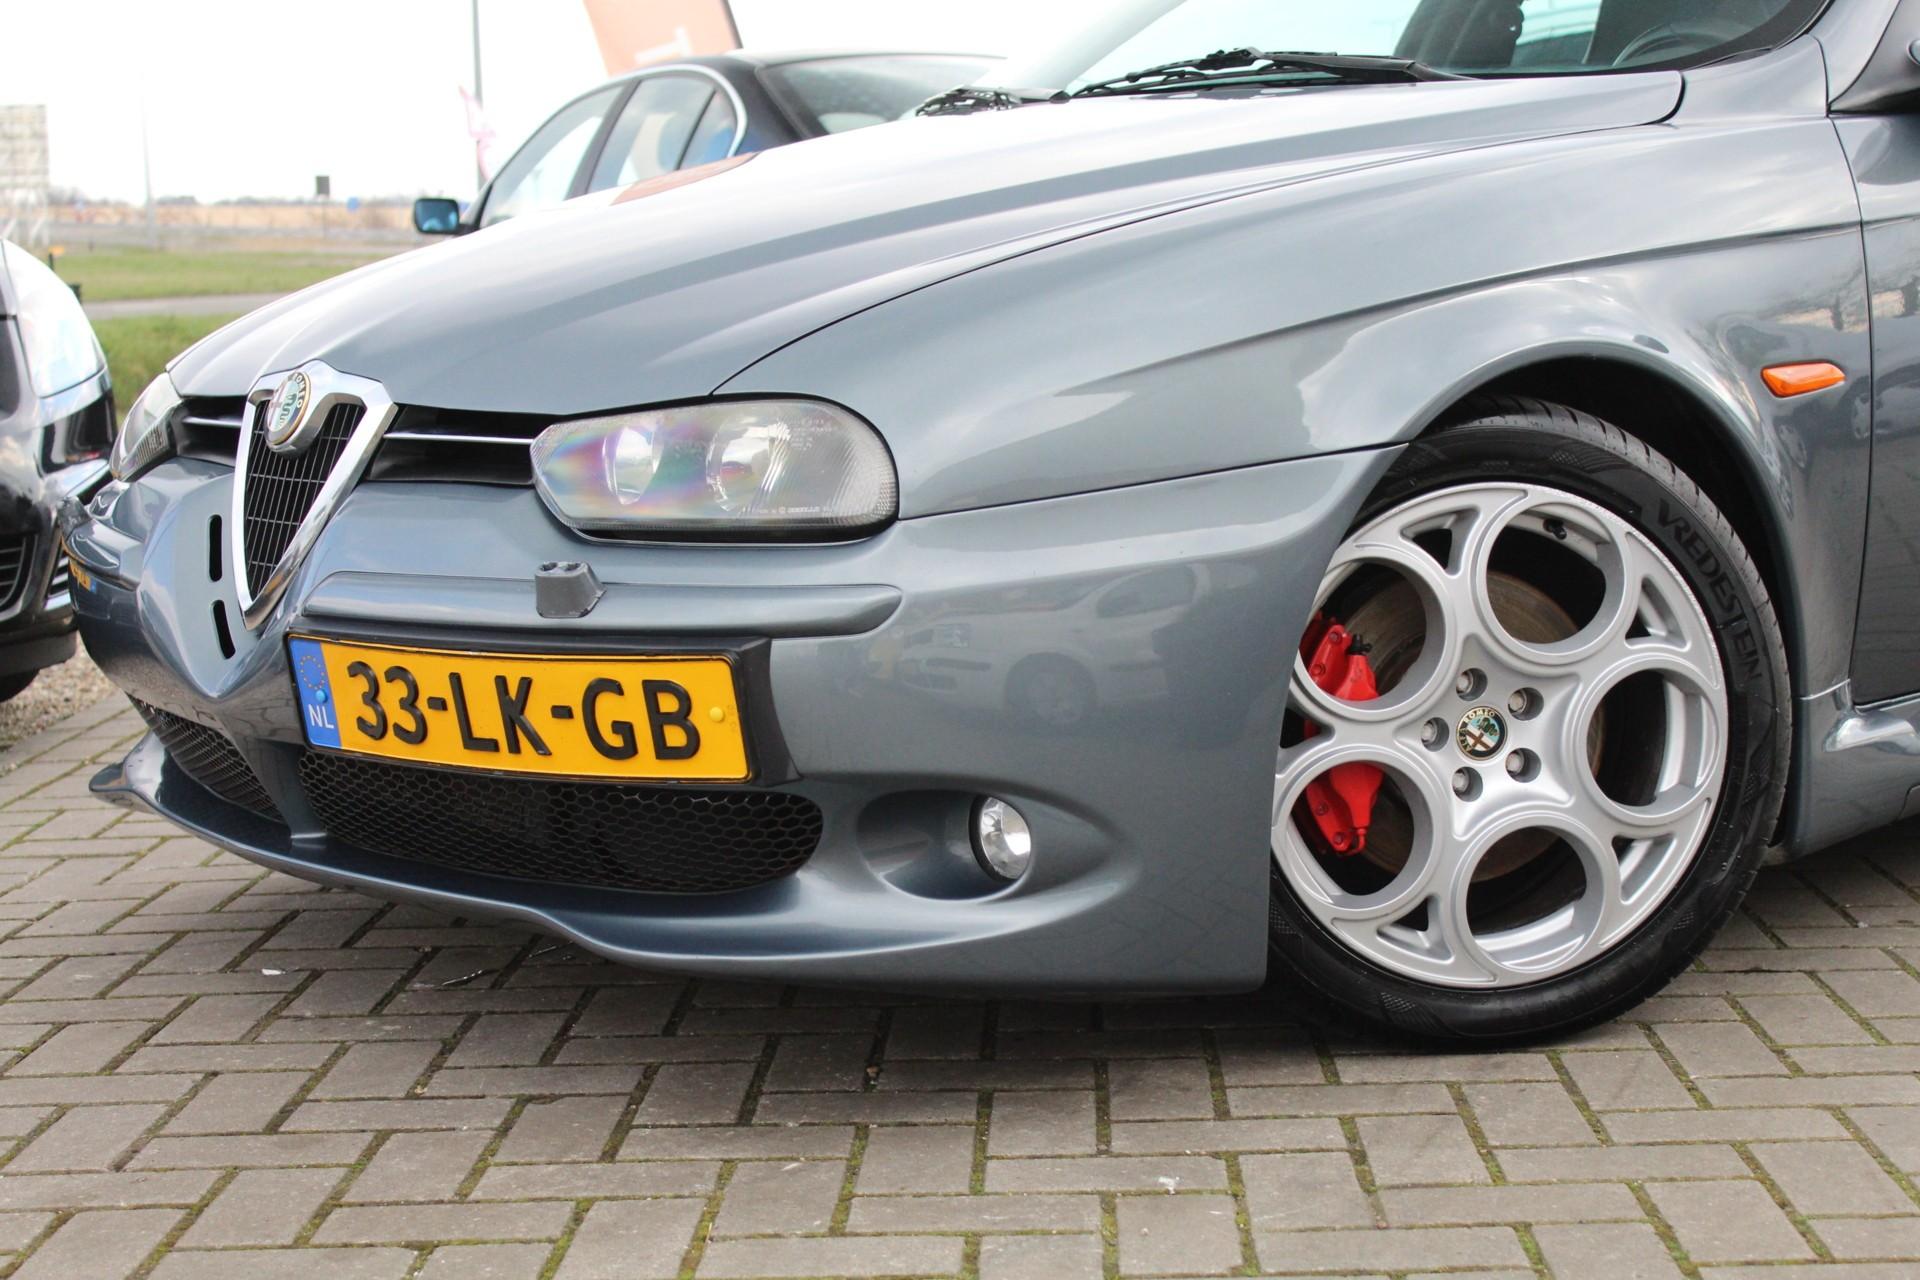 Caroutlet Groningen - Alfa Romeo 156 Sportwagon 3.2 V6 GTA | LEER | TOP ONDERHOUDEN | ORIGINEEL